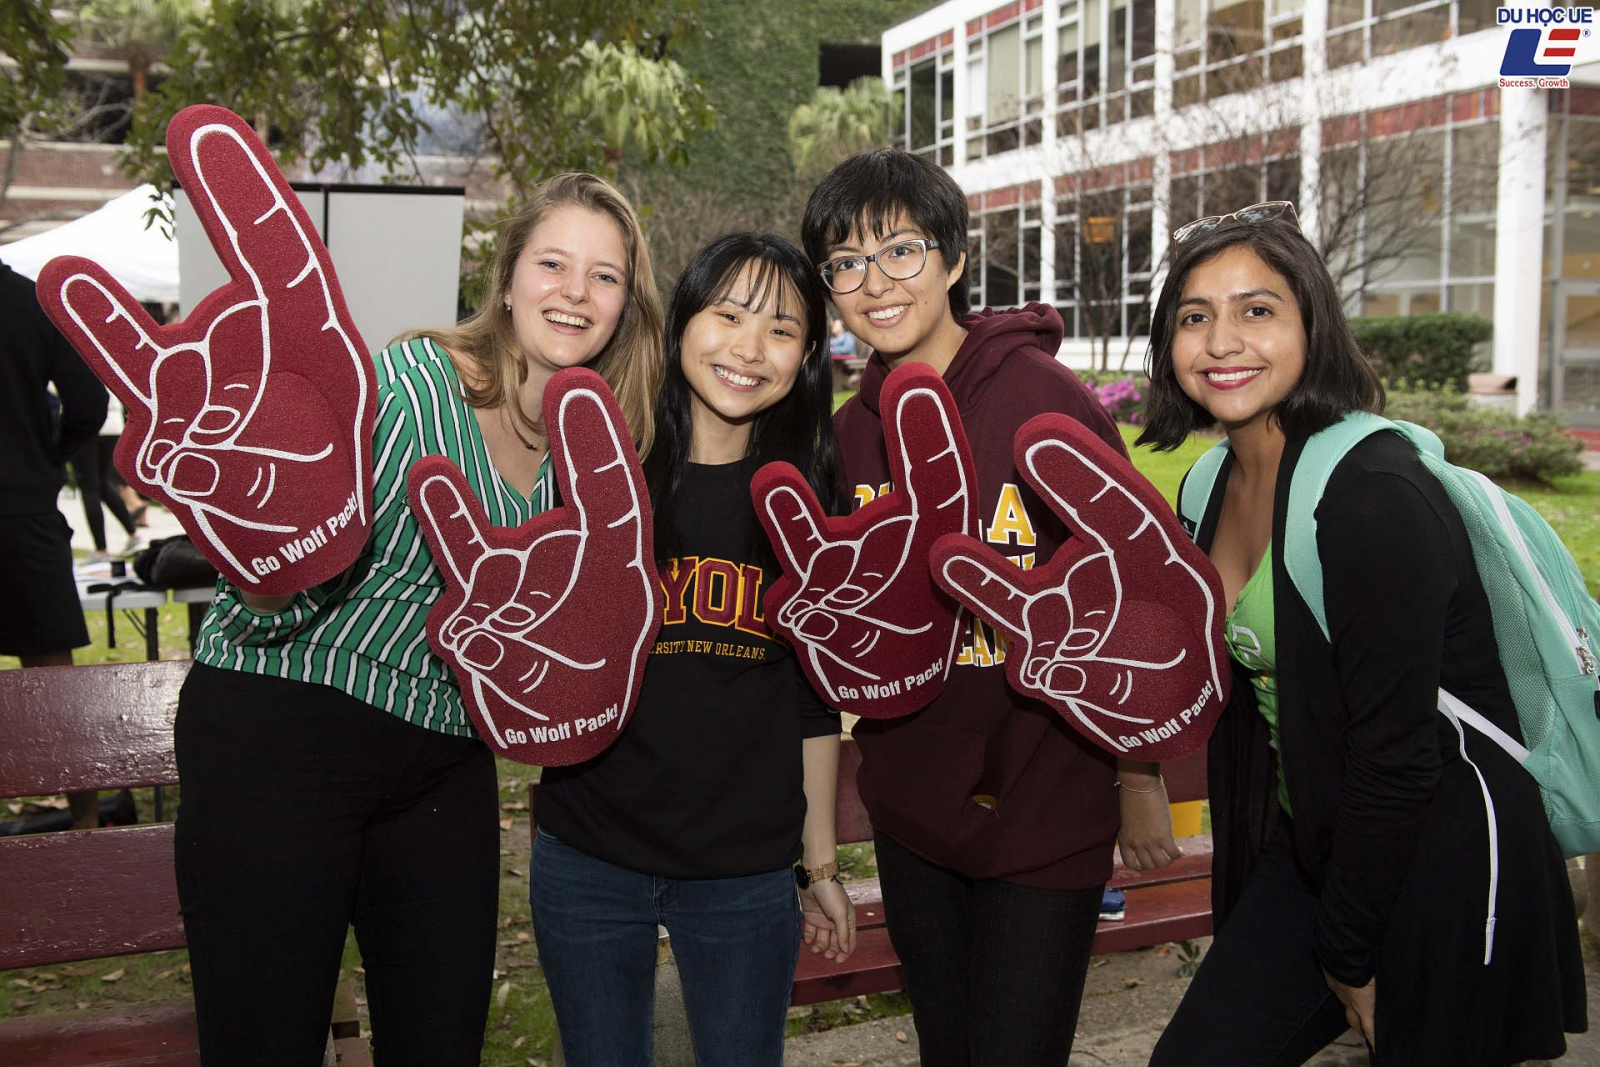 Du học học bổng tại Loyola University New Orleans - Top trường đại học đỉnh cao tại Mỹ